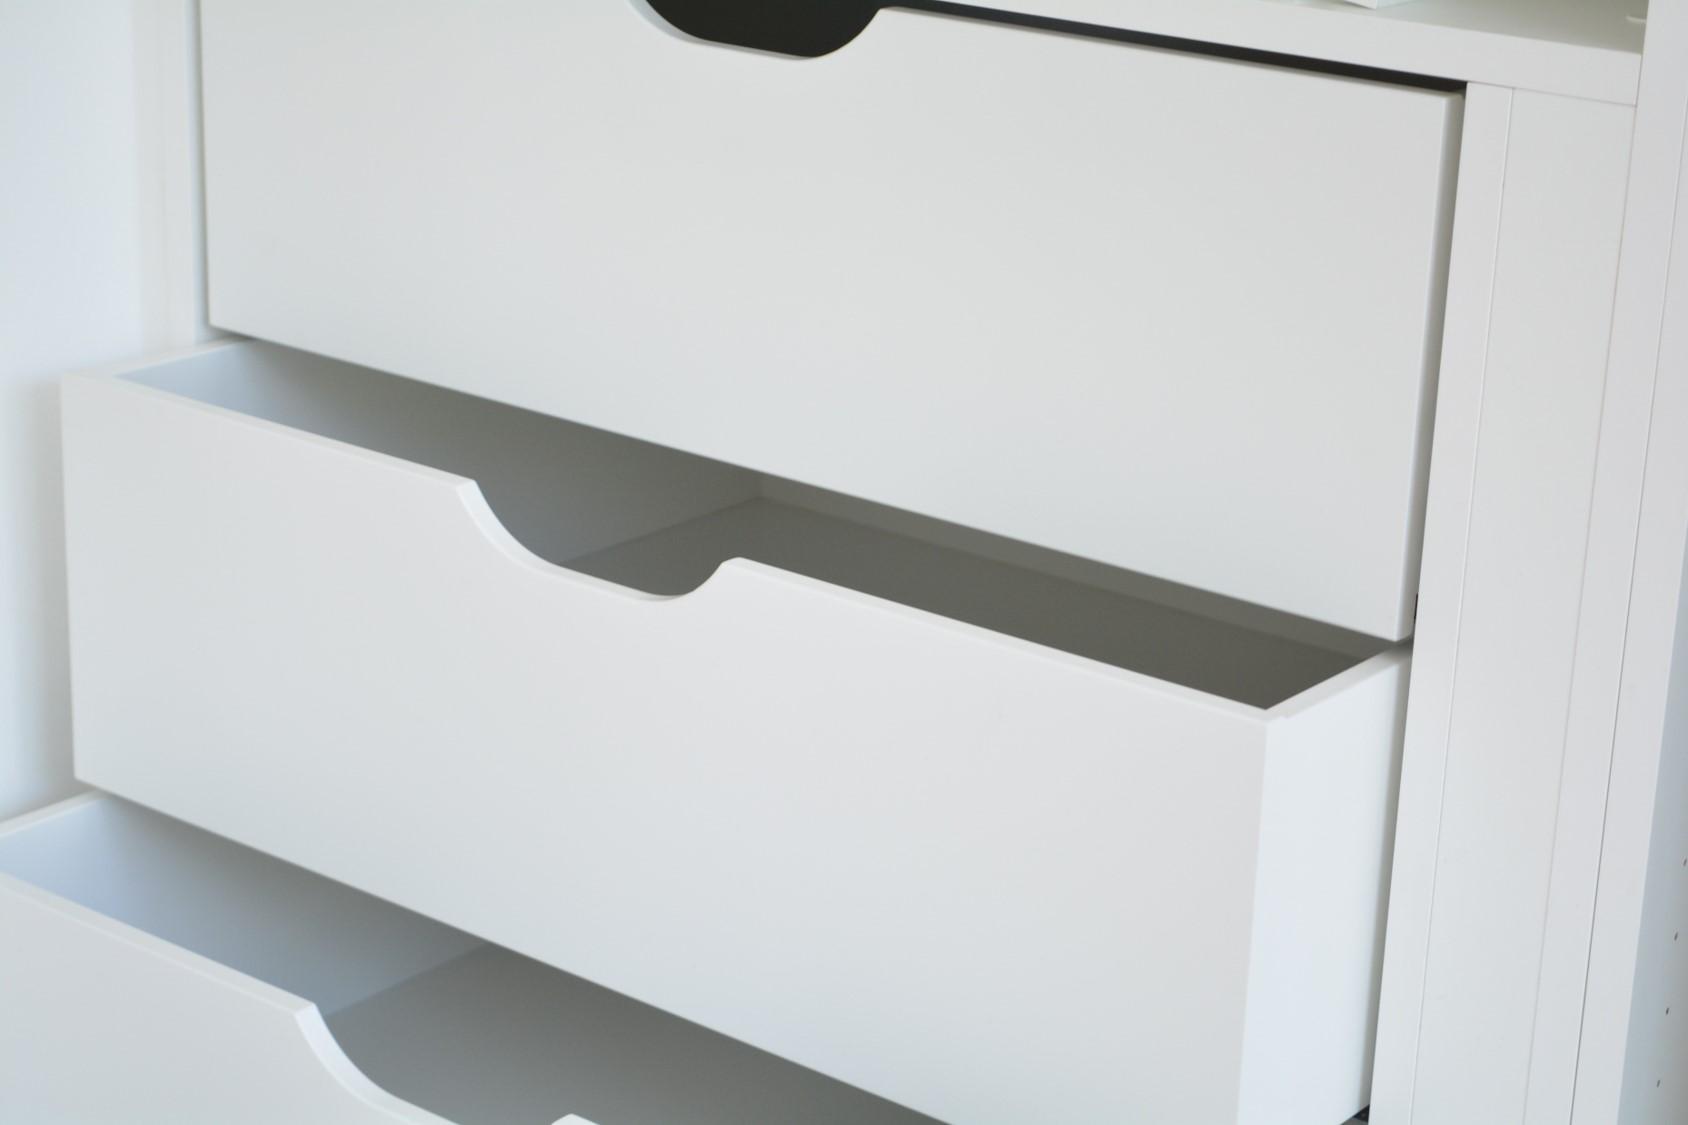 Detail innenliegender Schublade, weiß lackiert mit Grifffräsung